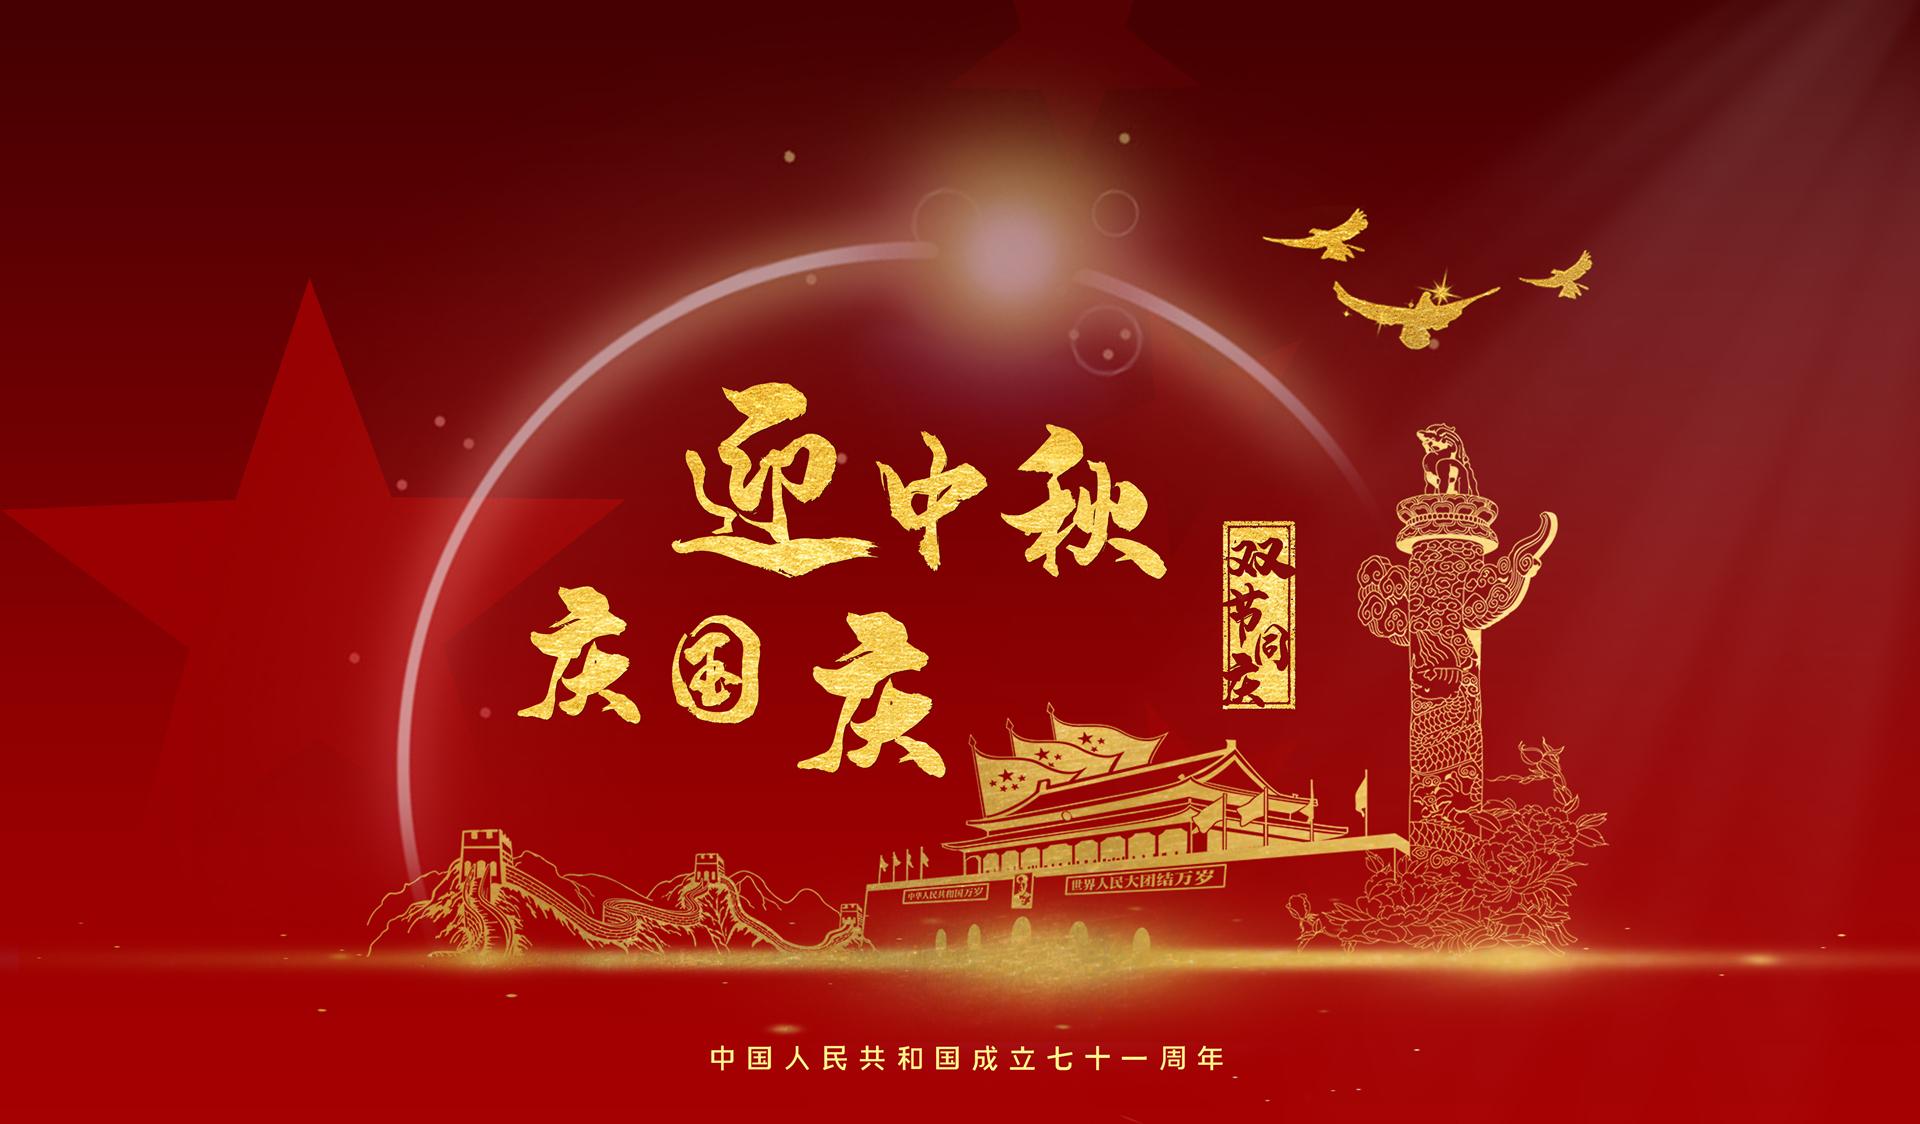 【求精集团】喜迎国庆,共庆华诞,阖家团圆,共迎中秋。